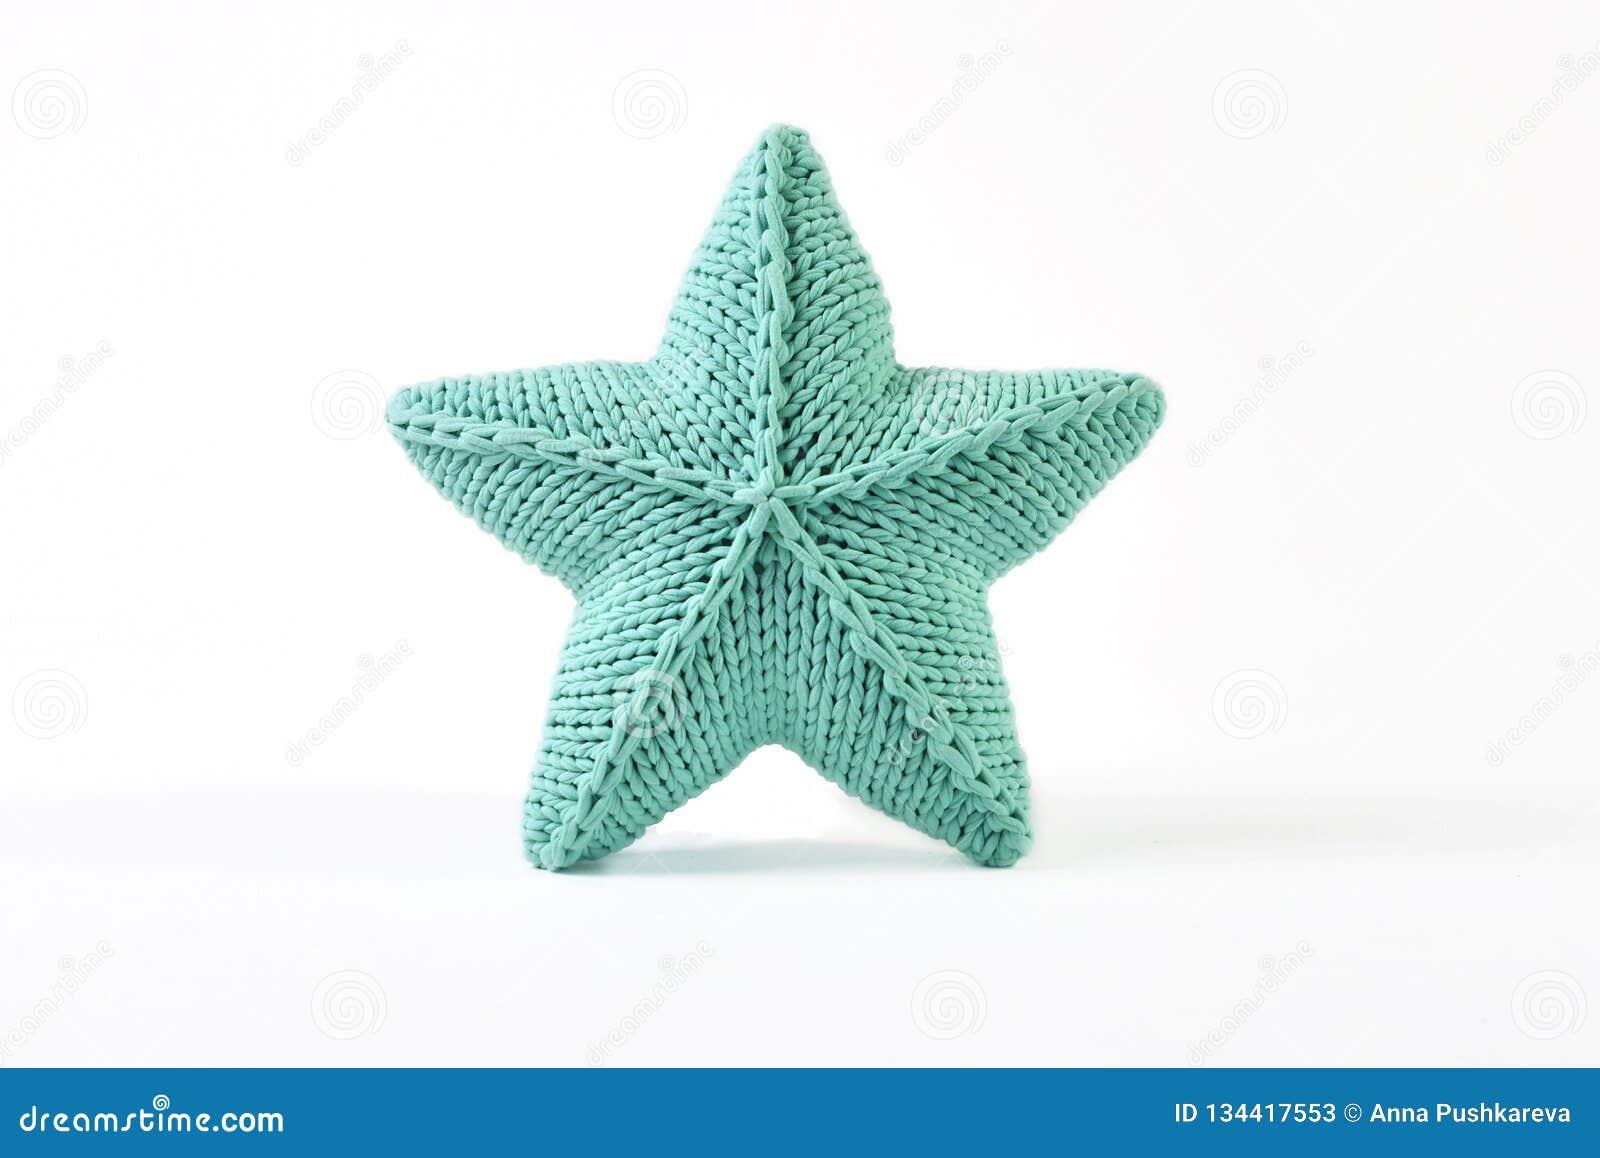 Blauwgroen gebreid vijf-gericht ster gevormd hoofdkussen op witte achtergrond